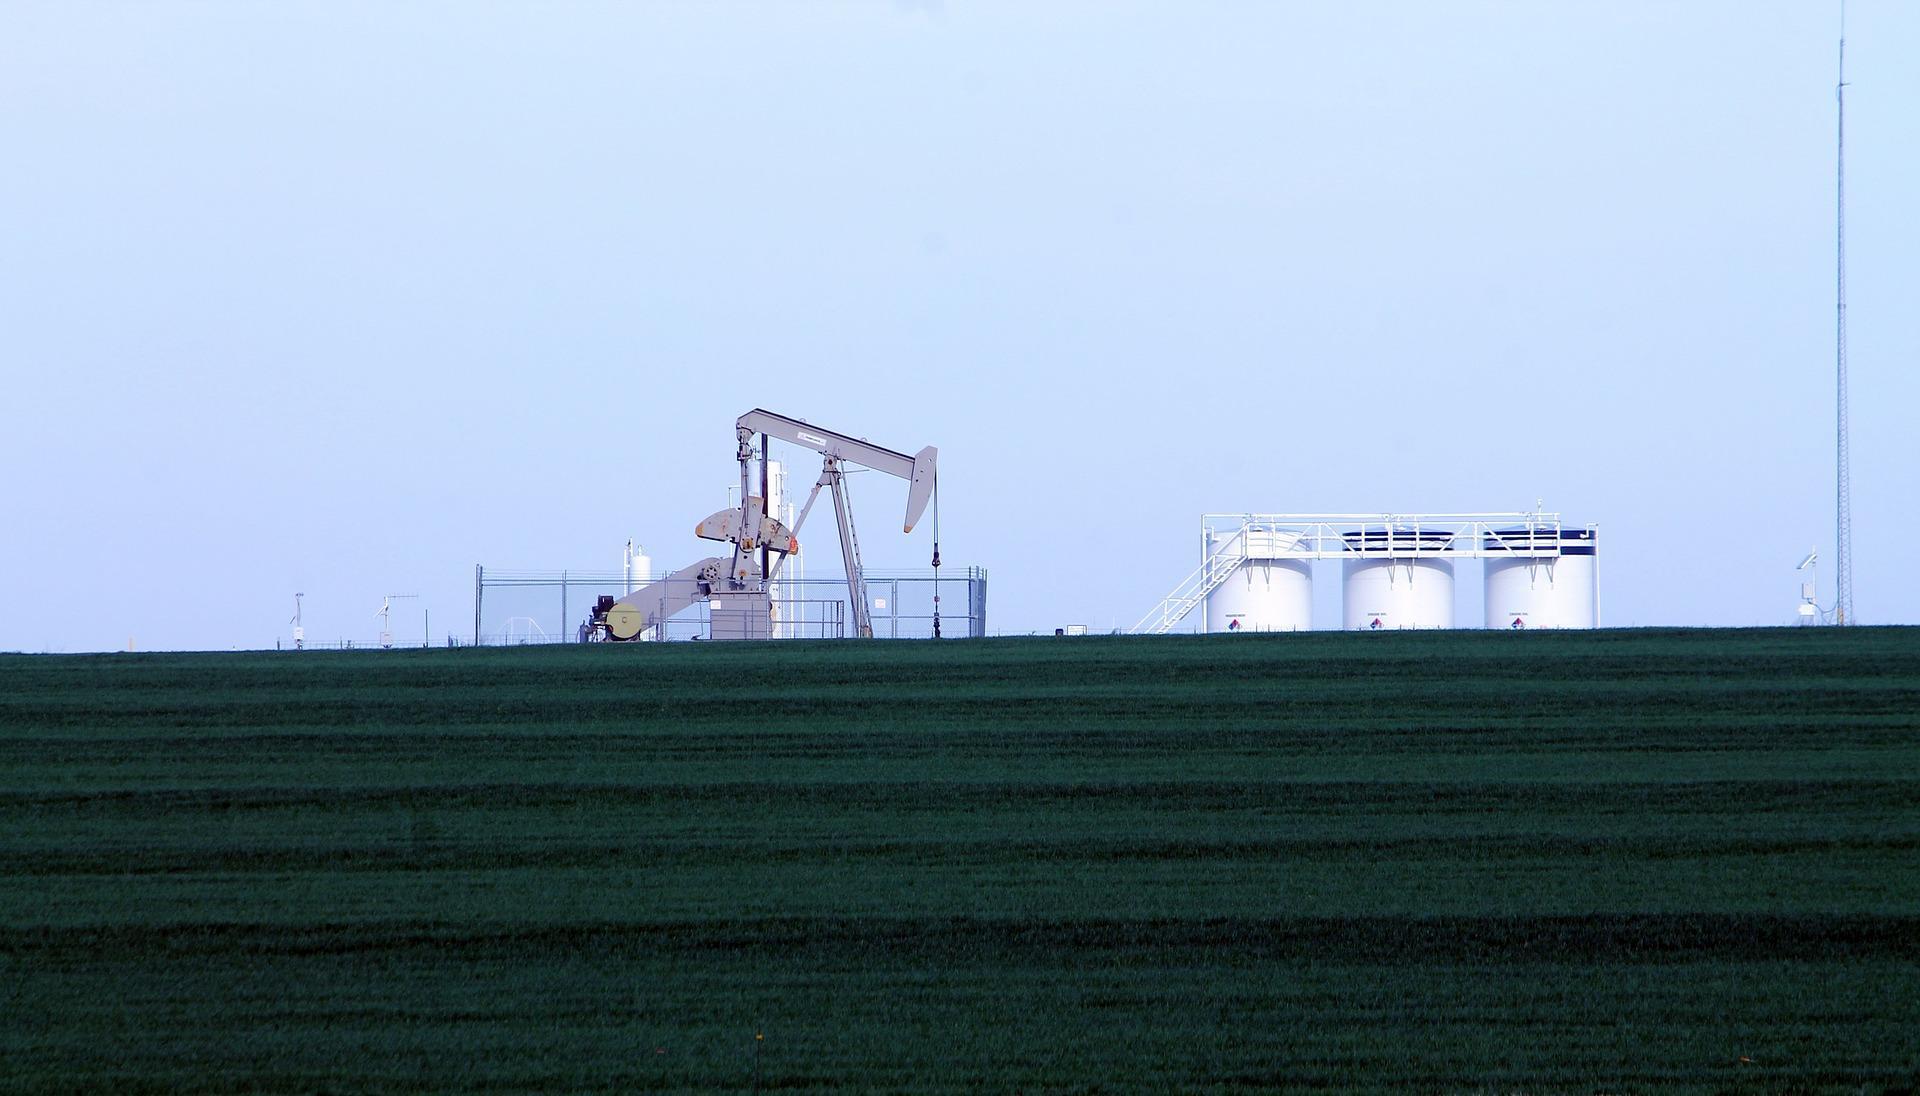 uploads///oil rig _